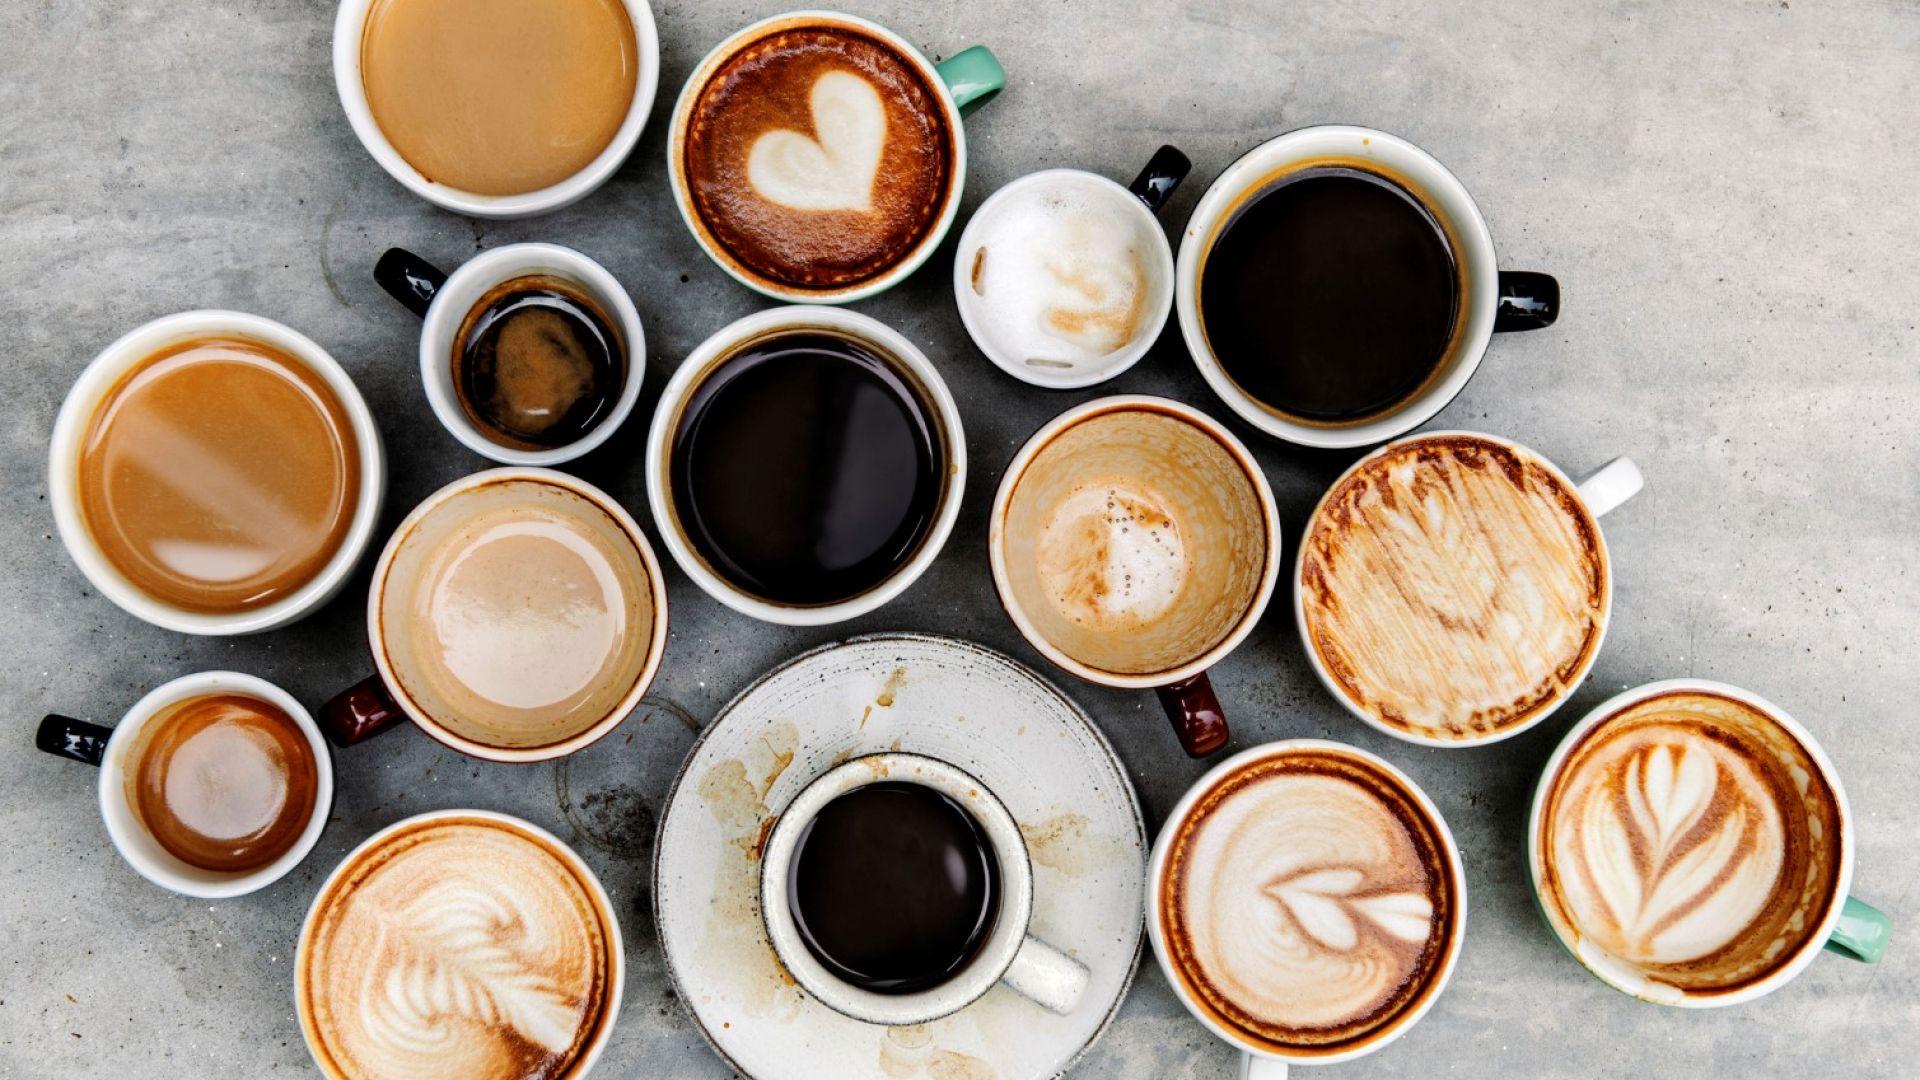 Учени твърдят, че кафето е вредно чак след шестата чаша